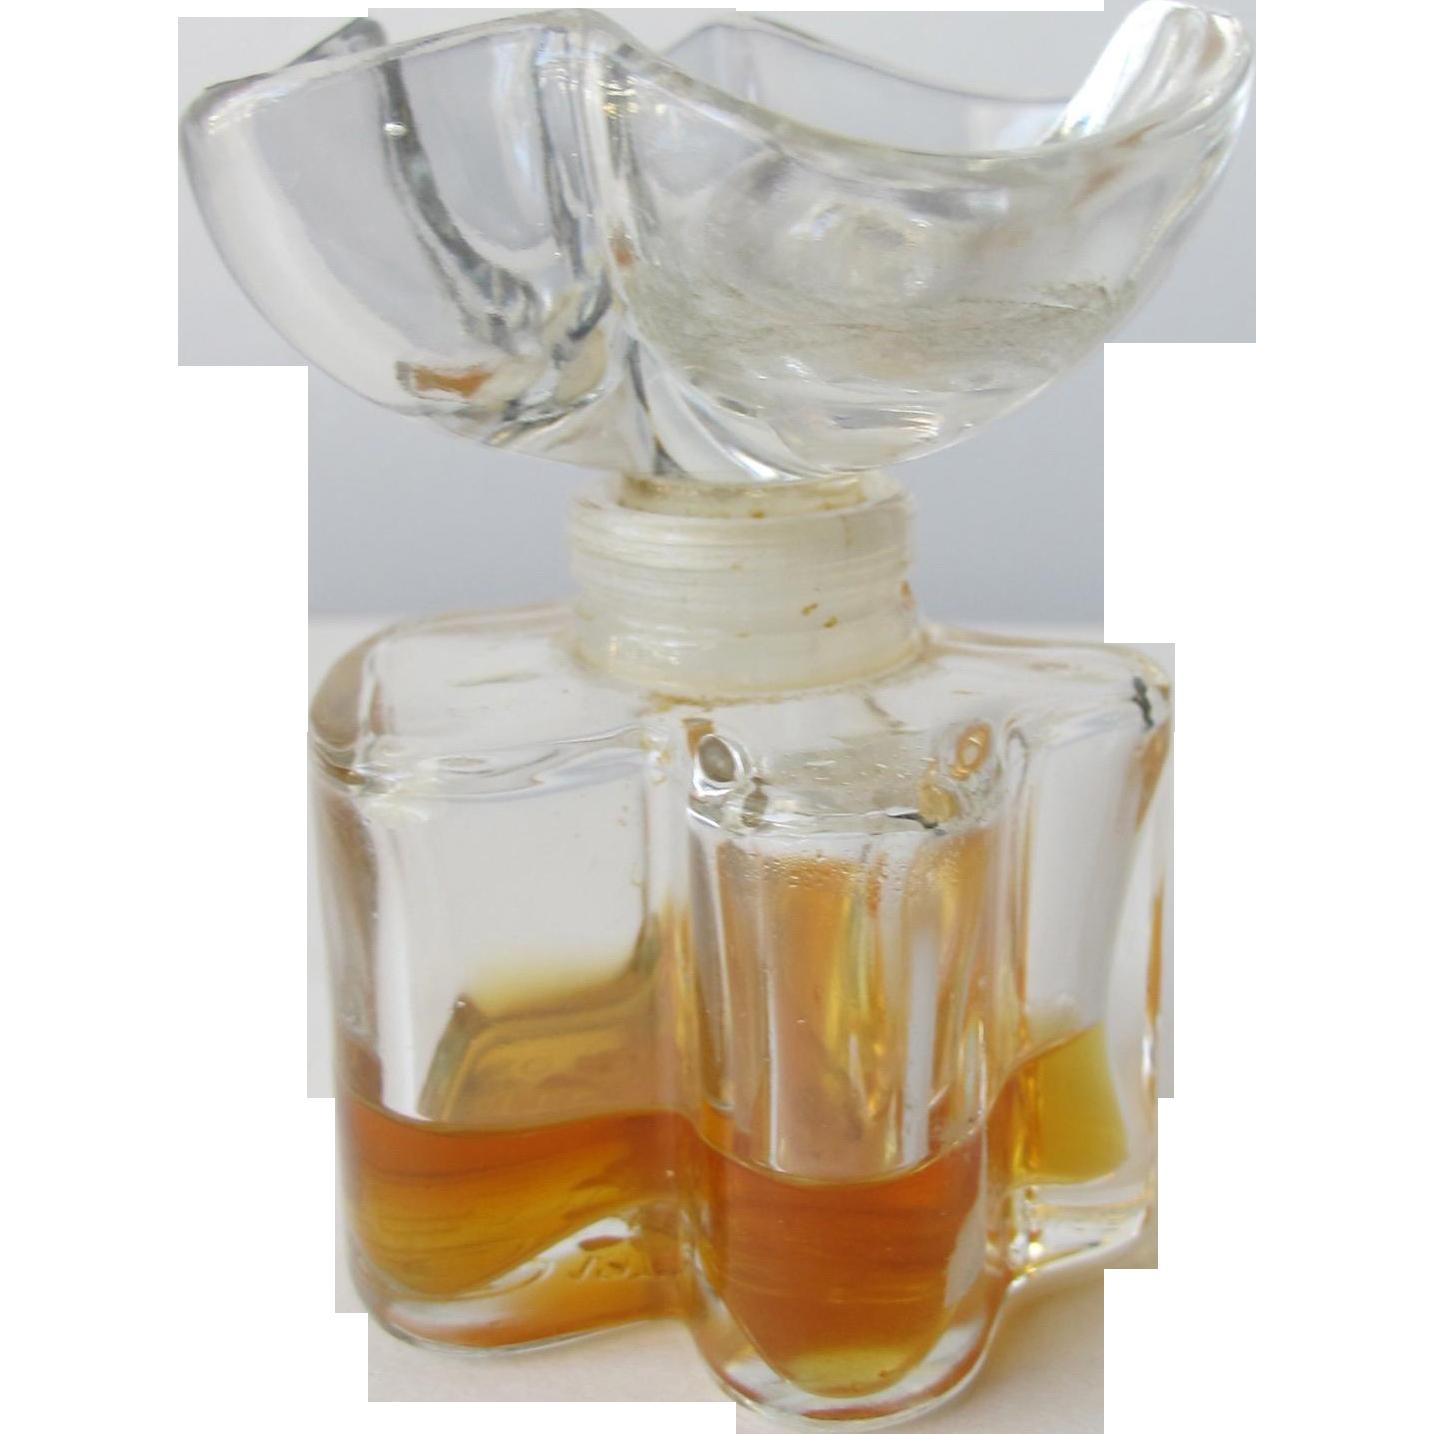 Oscar de La Renta Perfume Bottle All Glass with Flower Top